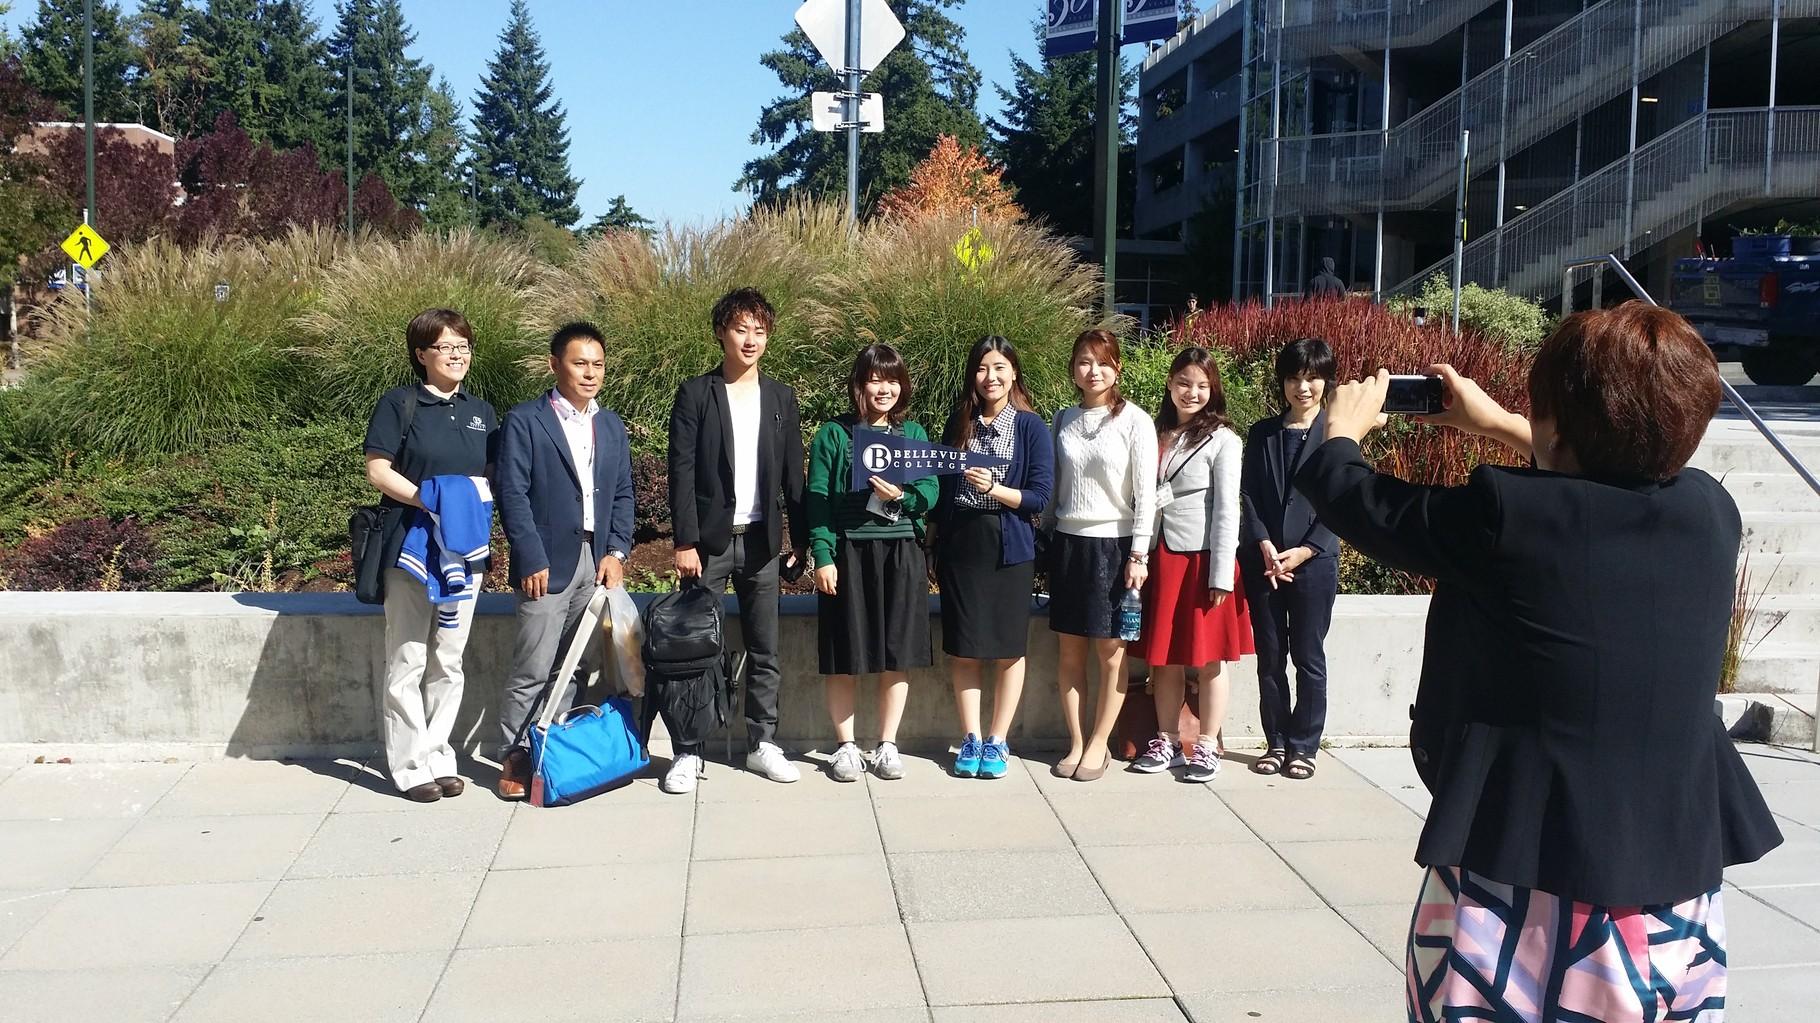 9月11日 ベルビューカレッジ訪問。 玉井会長提供